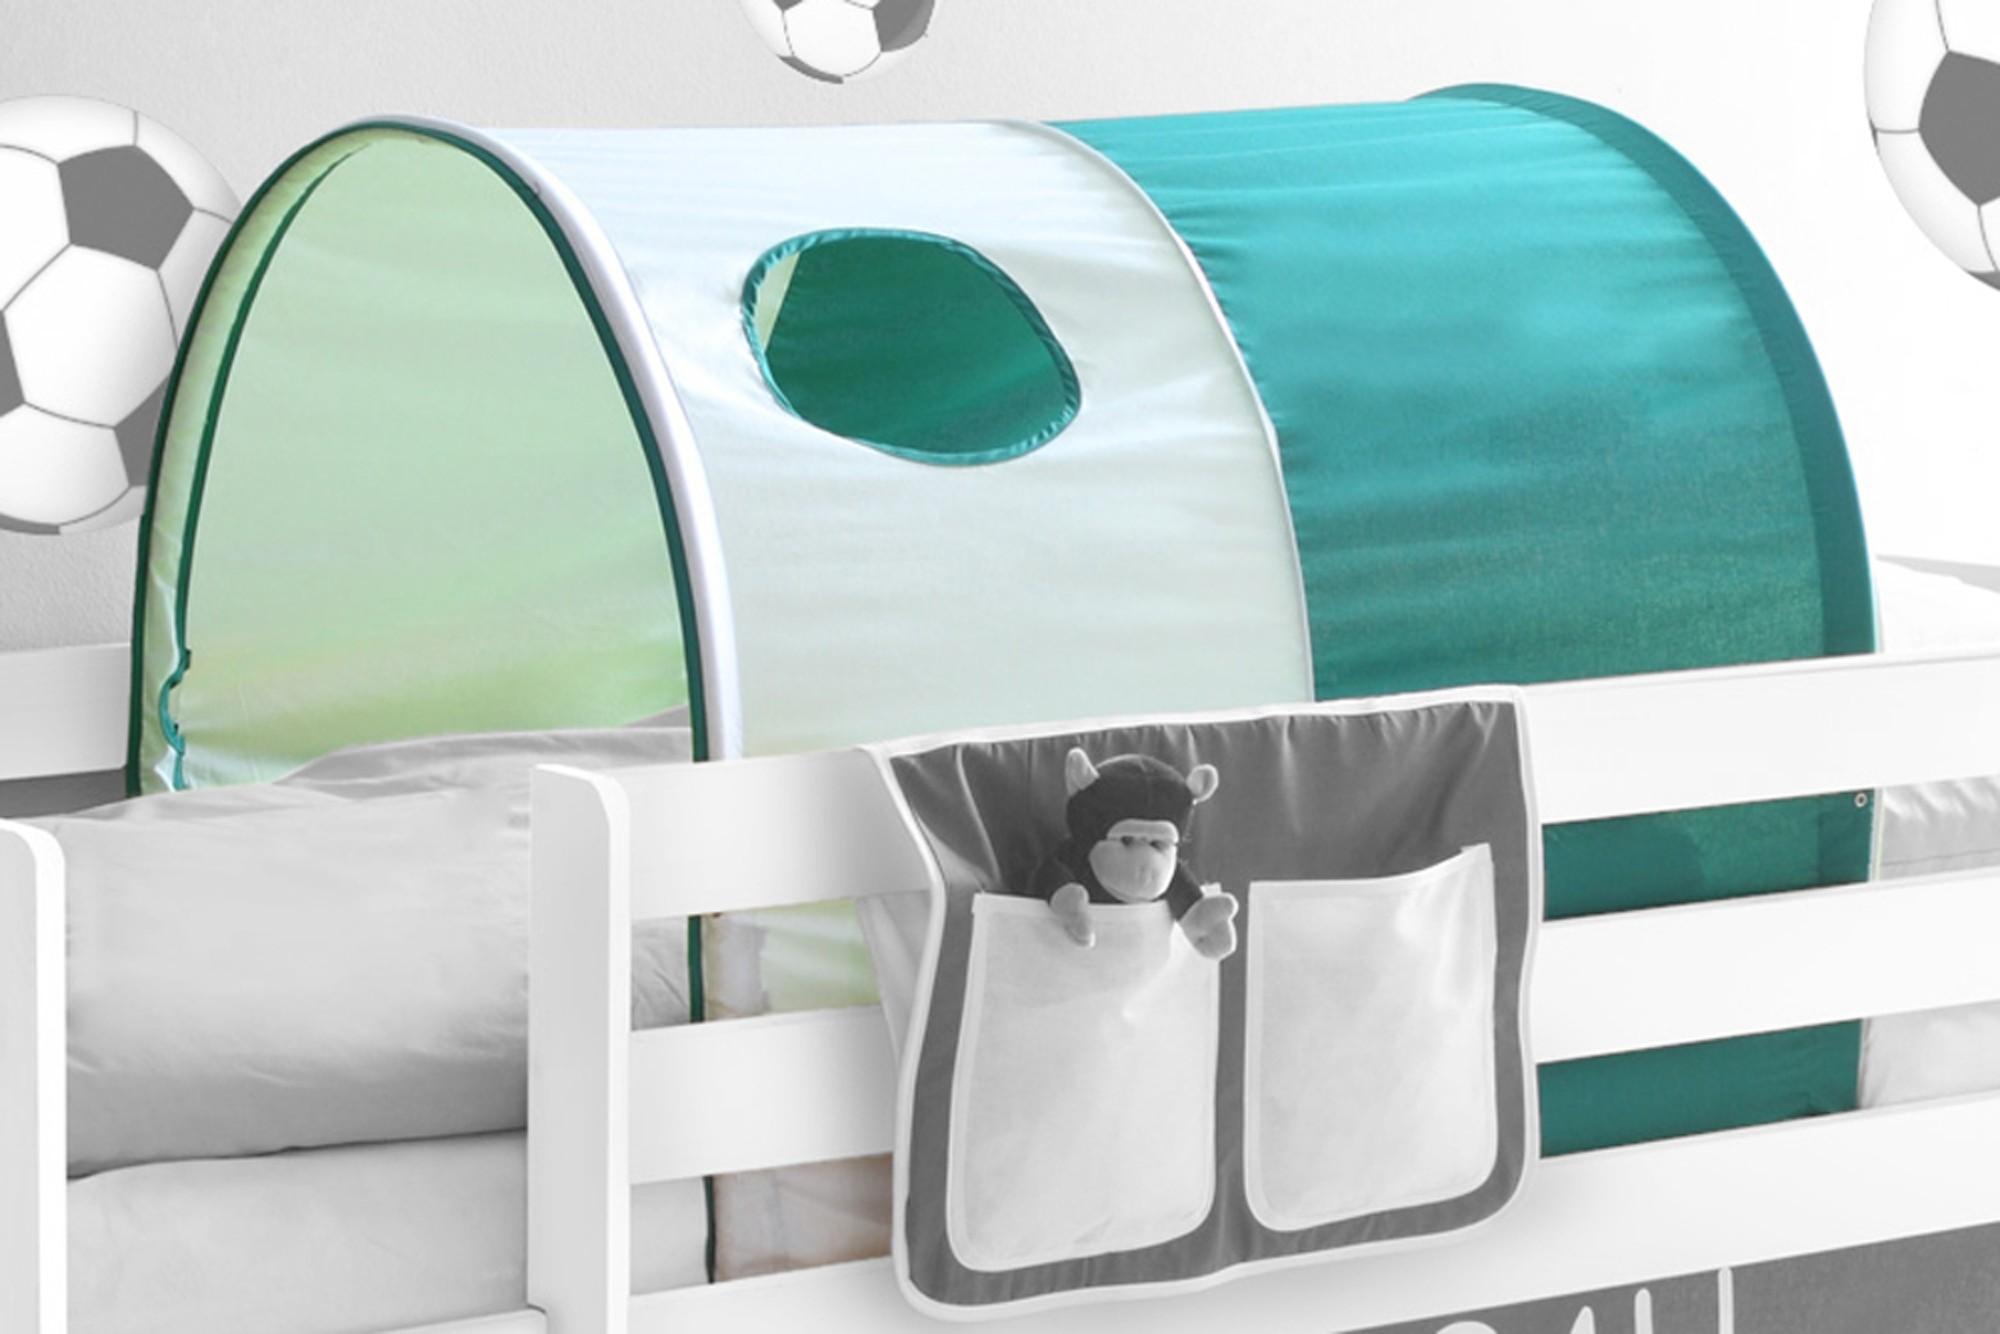 Tunnel Set Etagenbett : Tunnel für hoch und etagenbetten mod blau rot h c möbel